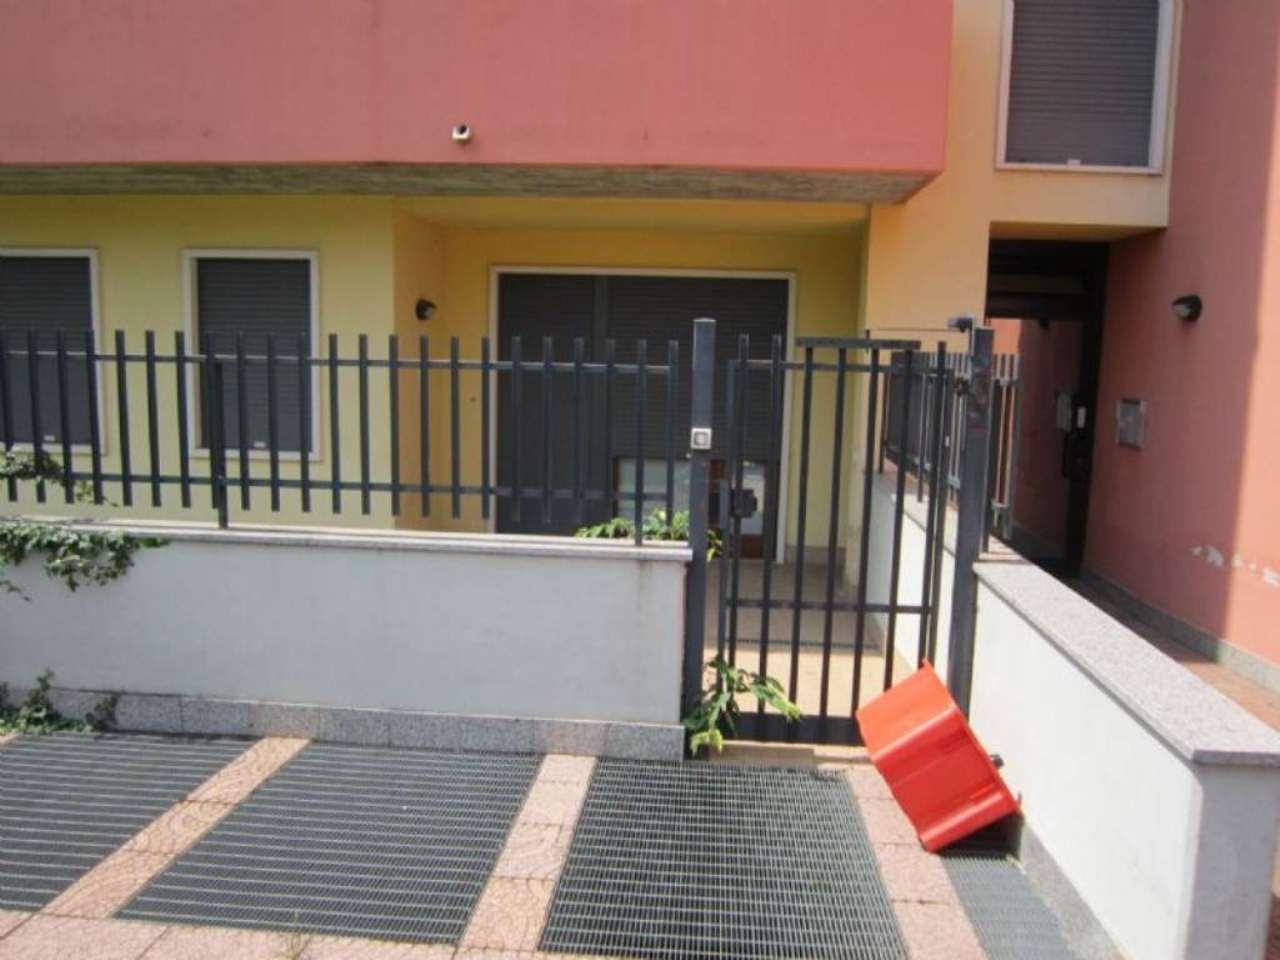 Ufficio / Studio in affitto a Verona, 1 locali, zona Zona: 10 . Borgo Roma - Ca' di David - Palazzina - Zai, prezzo € 300 | Cambio Casa.it